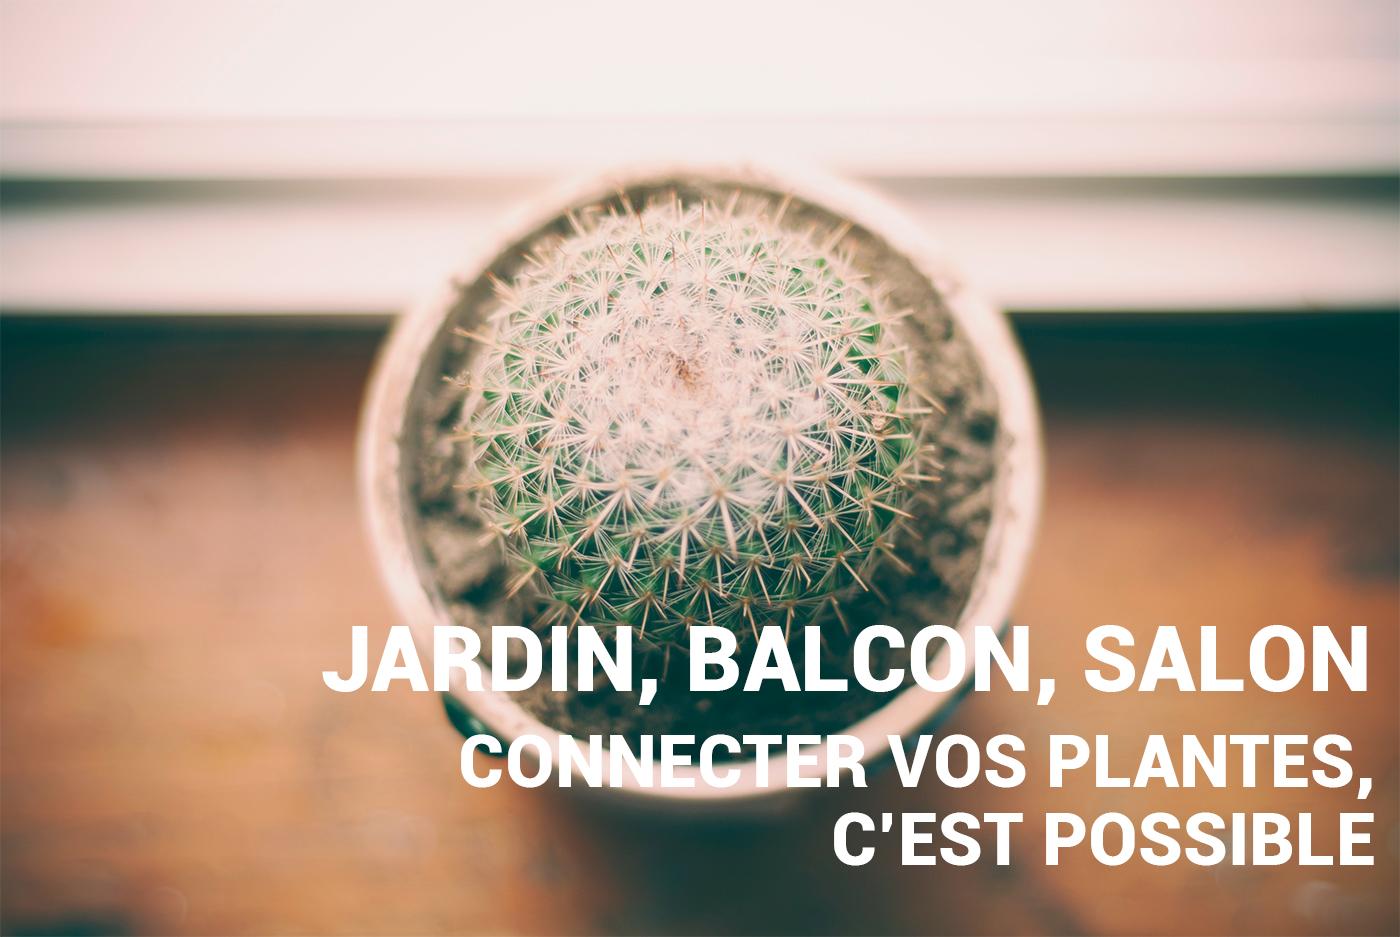 Jardin, salon, balcon : les objets connectés au service des plantes